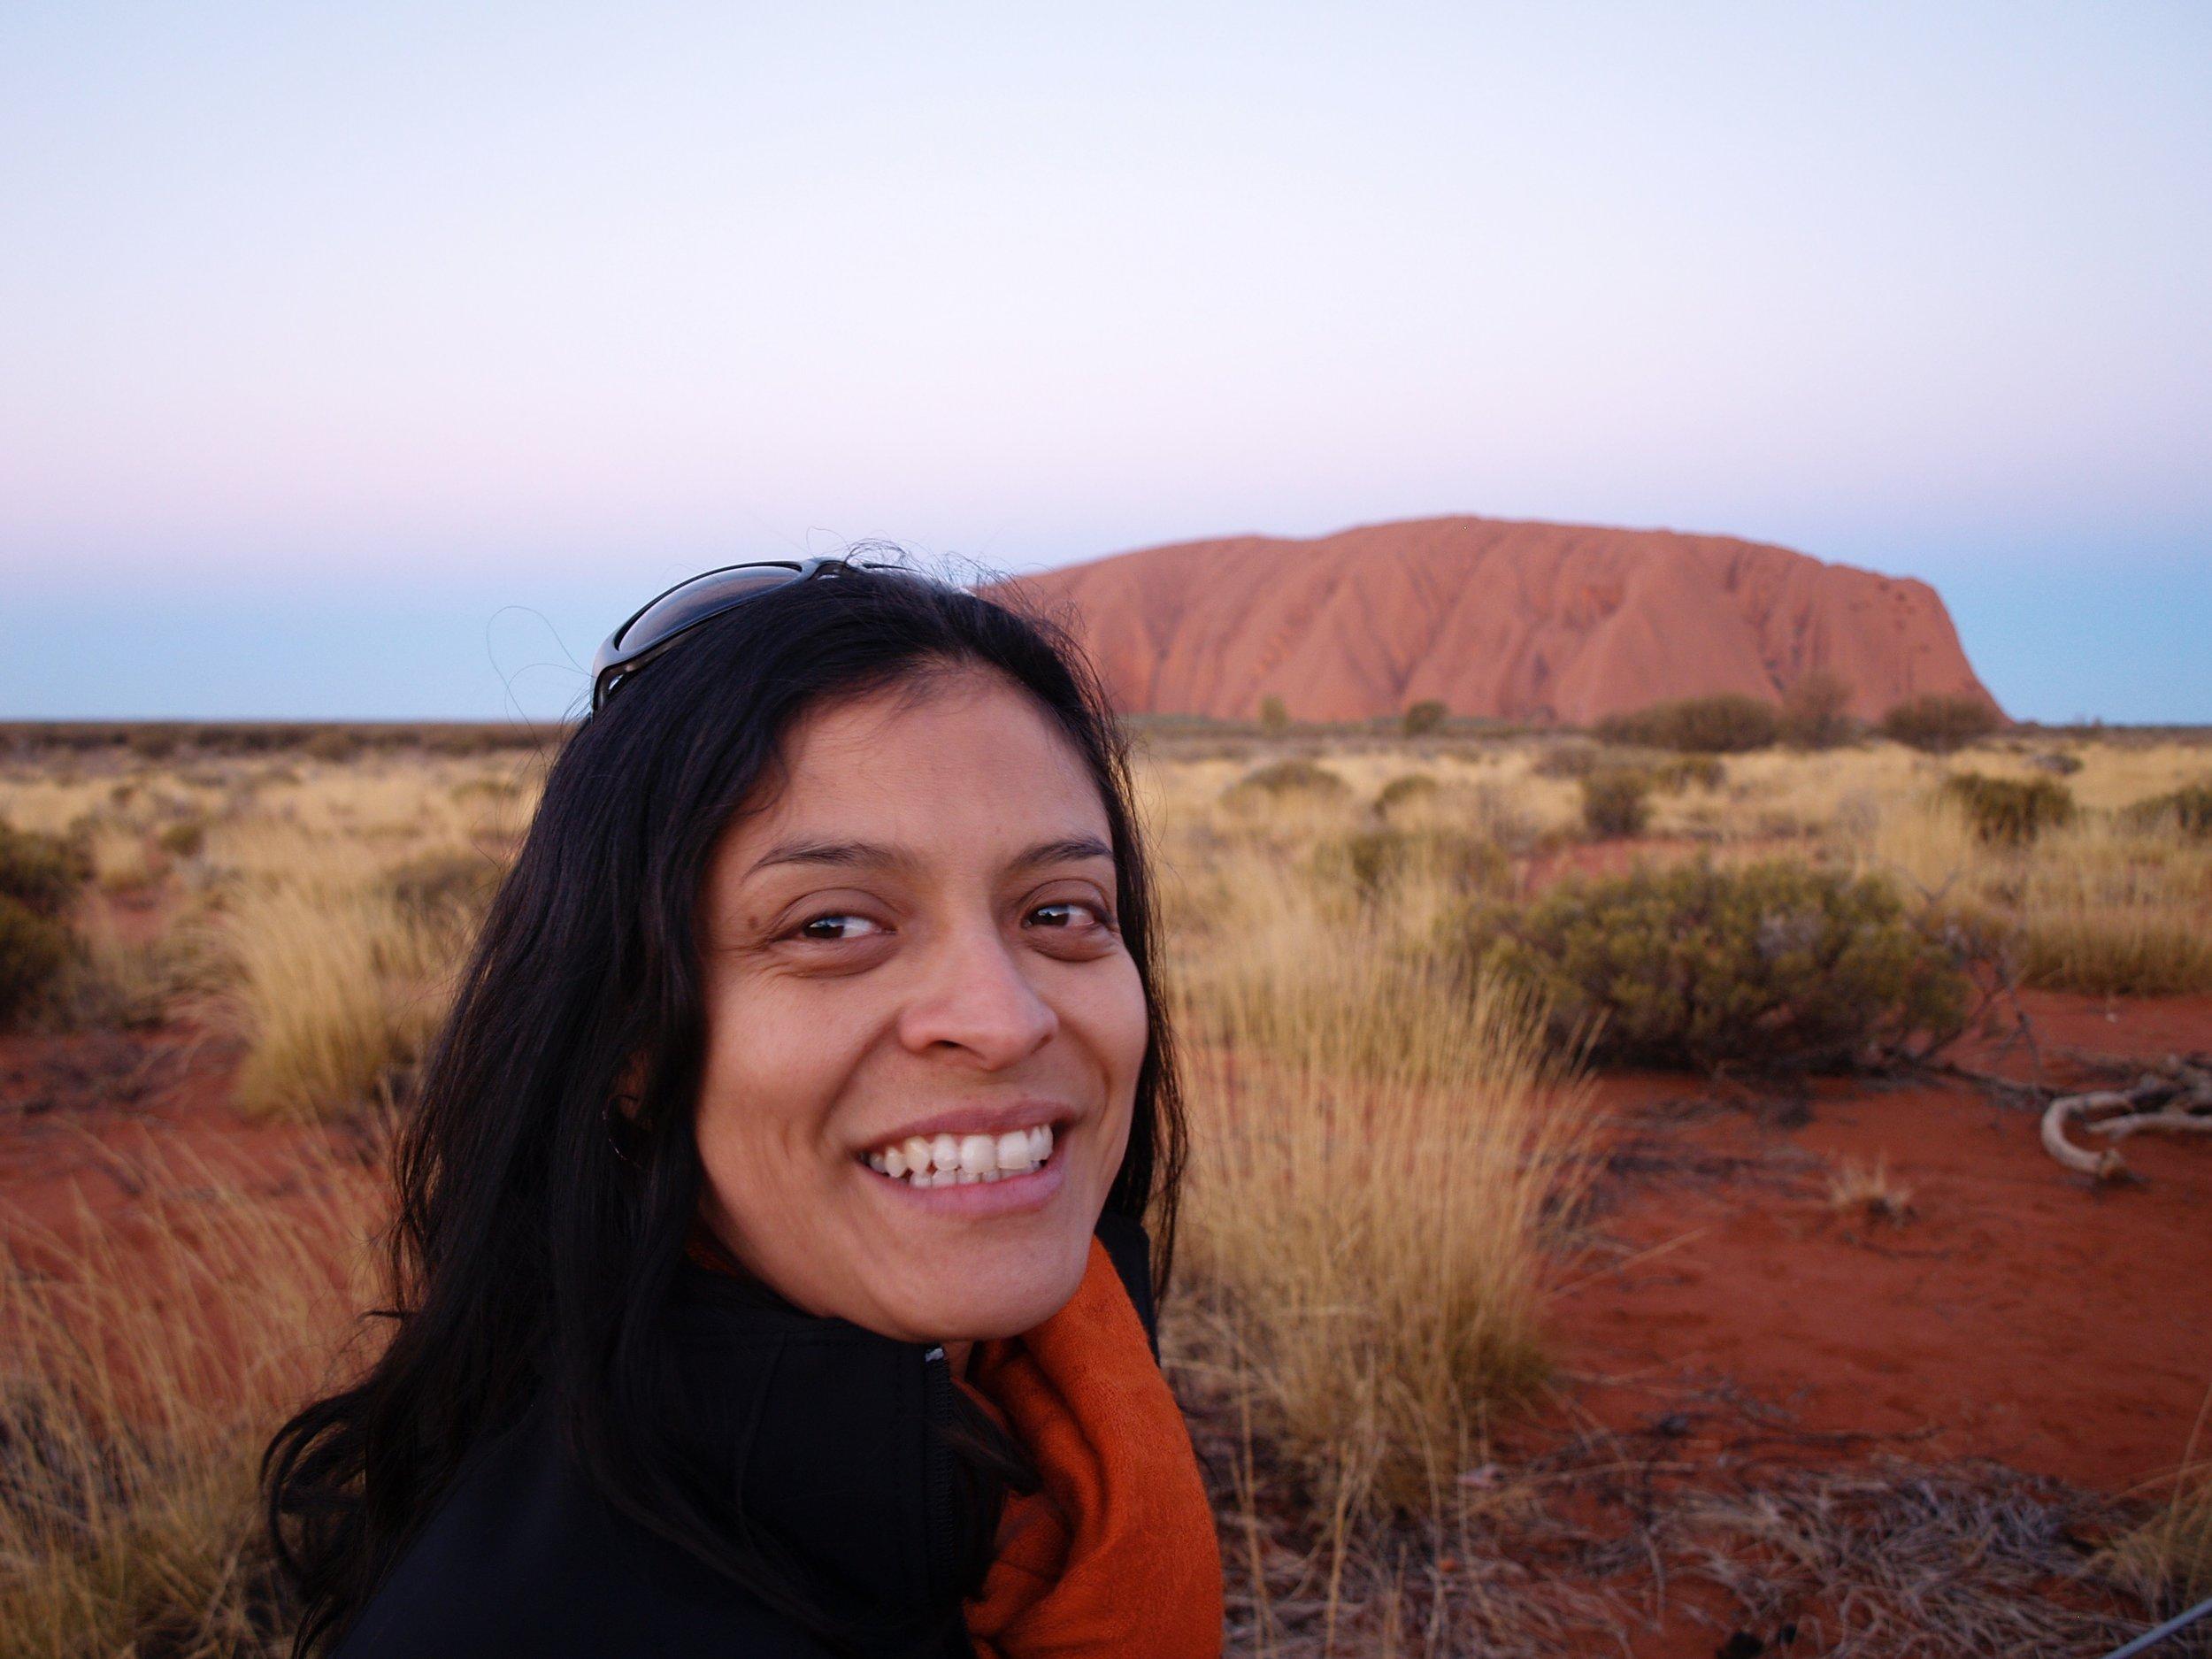 Glenda at one of her favourite places in Australia: Uluru